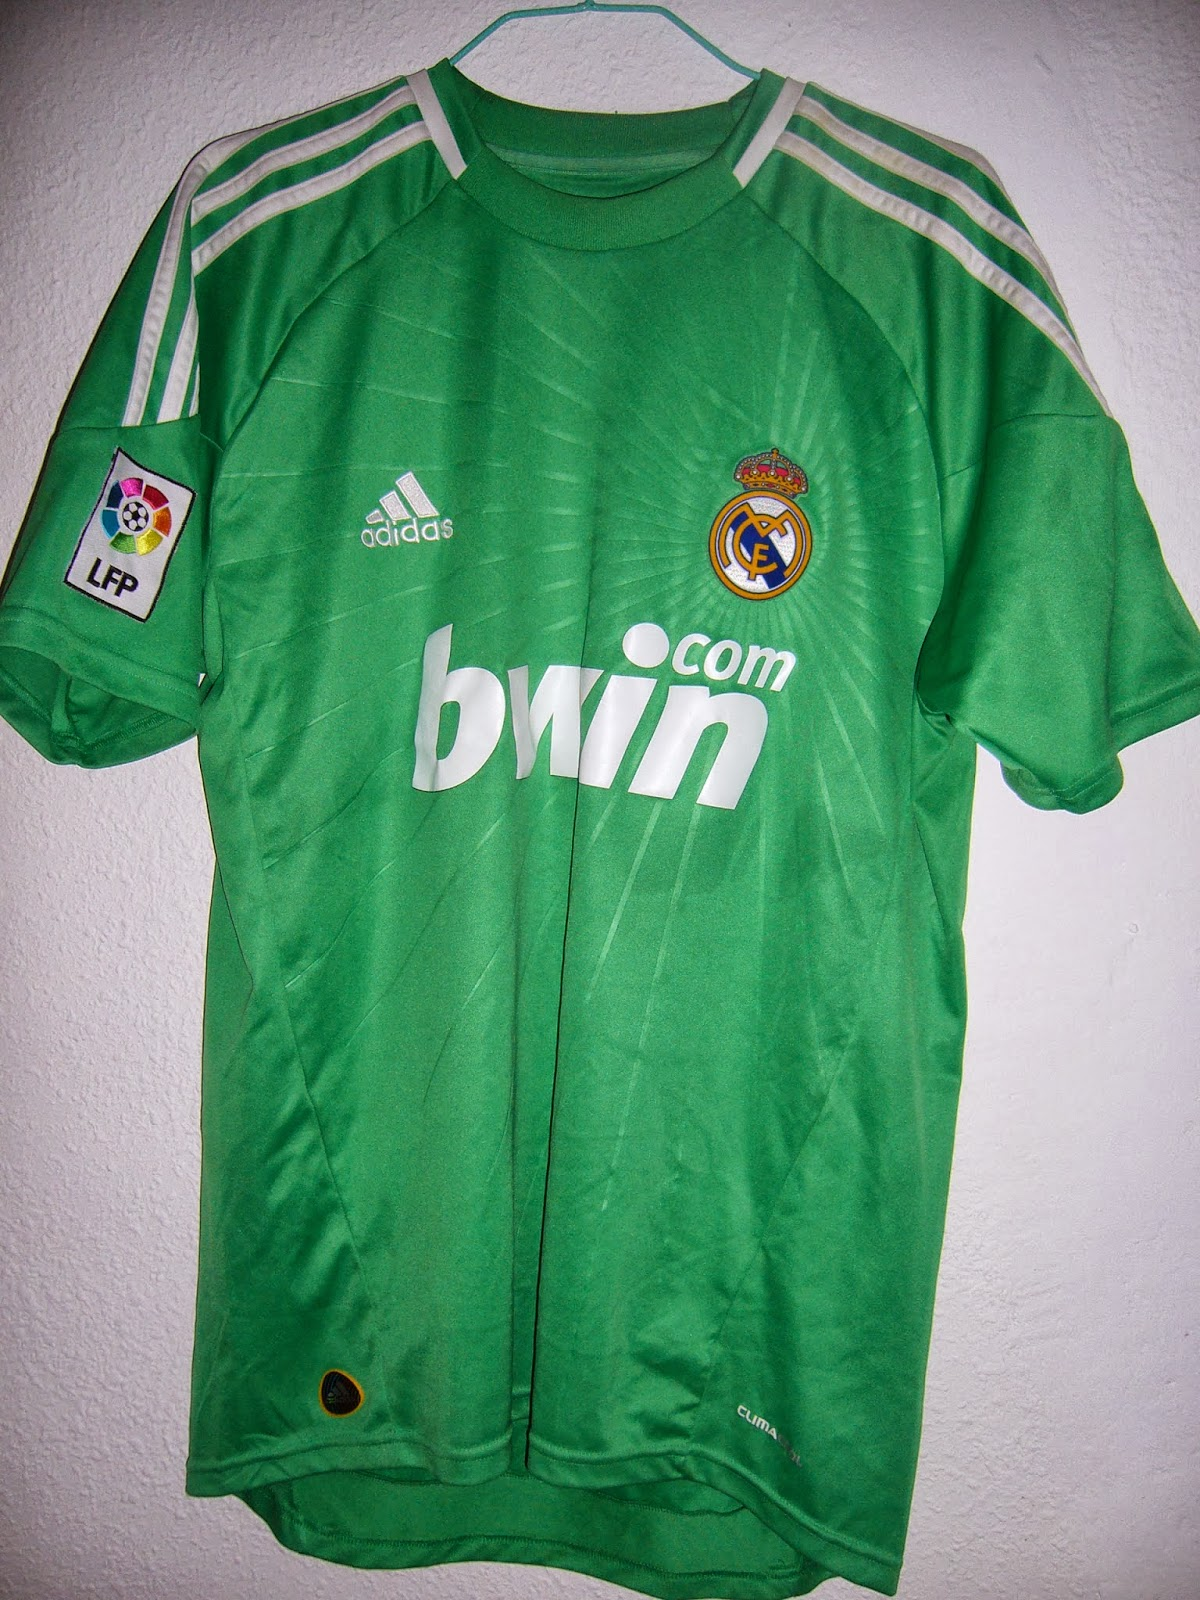 a14bc48d8233e Mi colección de camisetas de fútbol  Camiseta portero Real Madrid ...